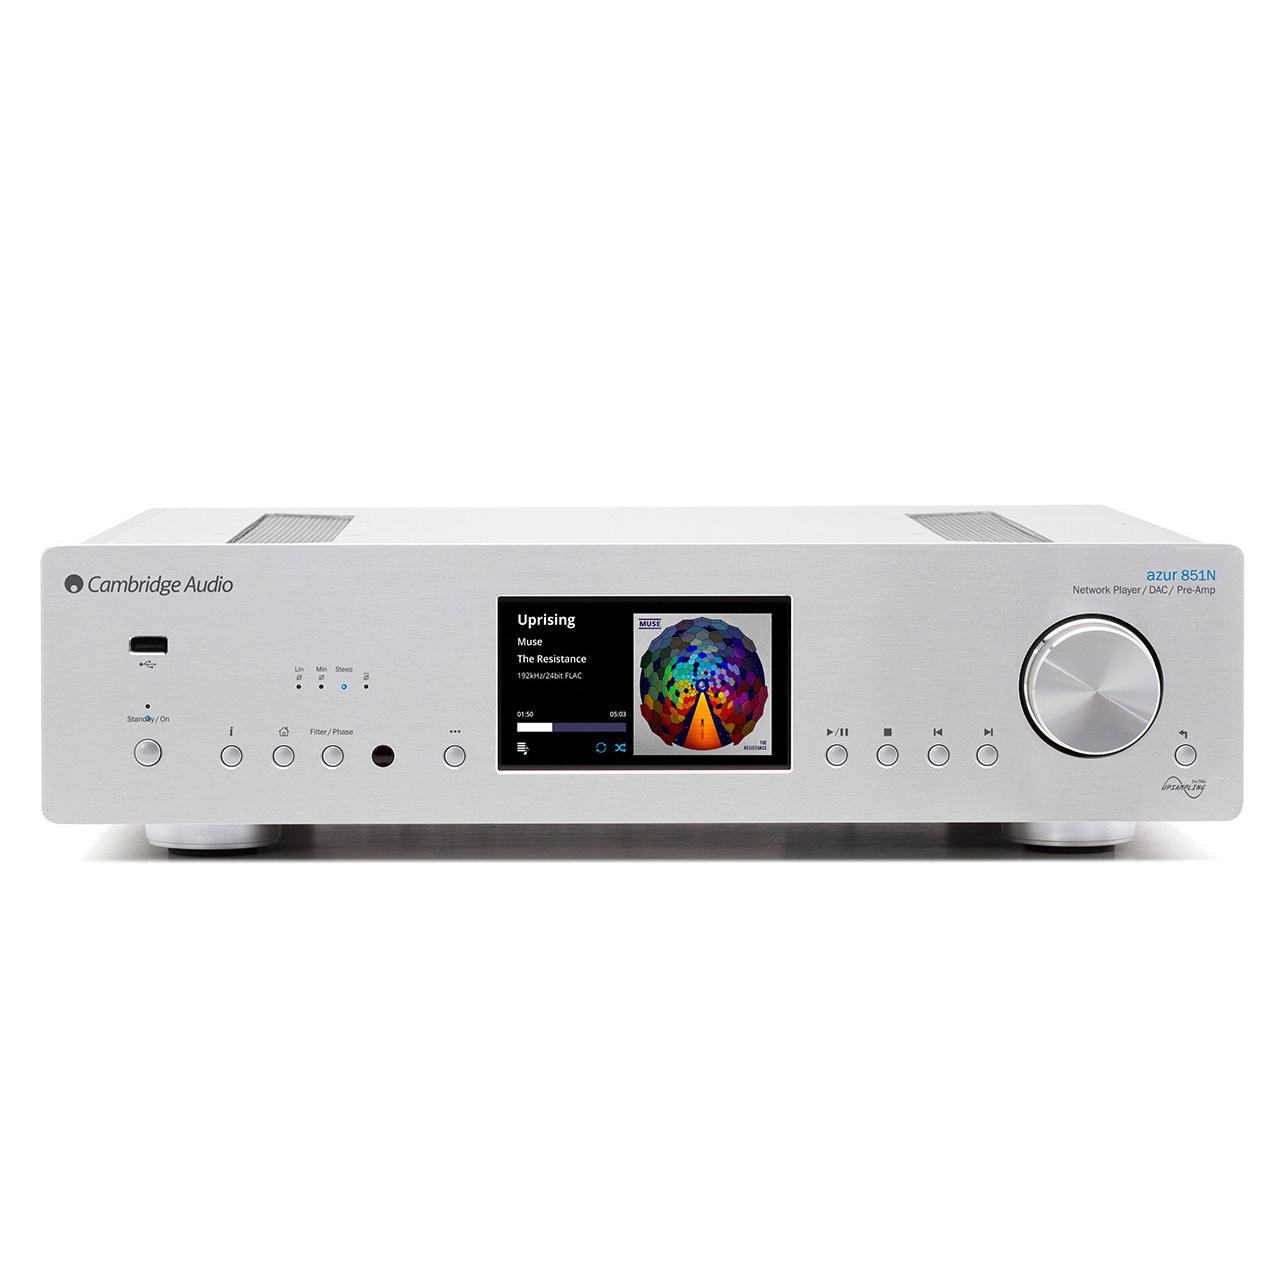 De Cambridge Audio Azur 851N is de netwerkspeler uit de 851 serie van Cambridge